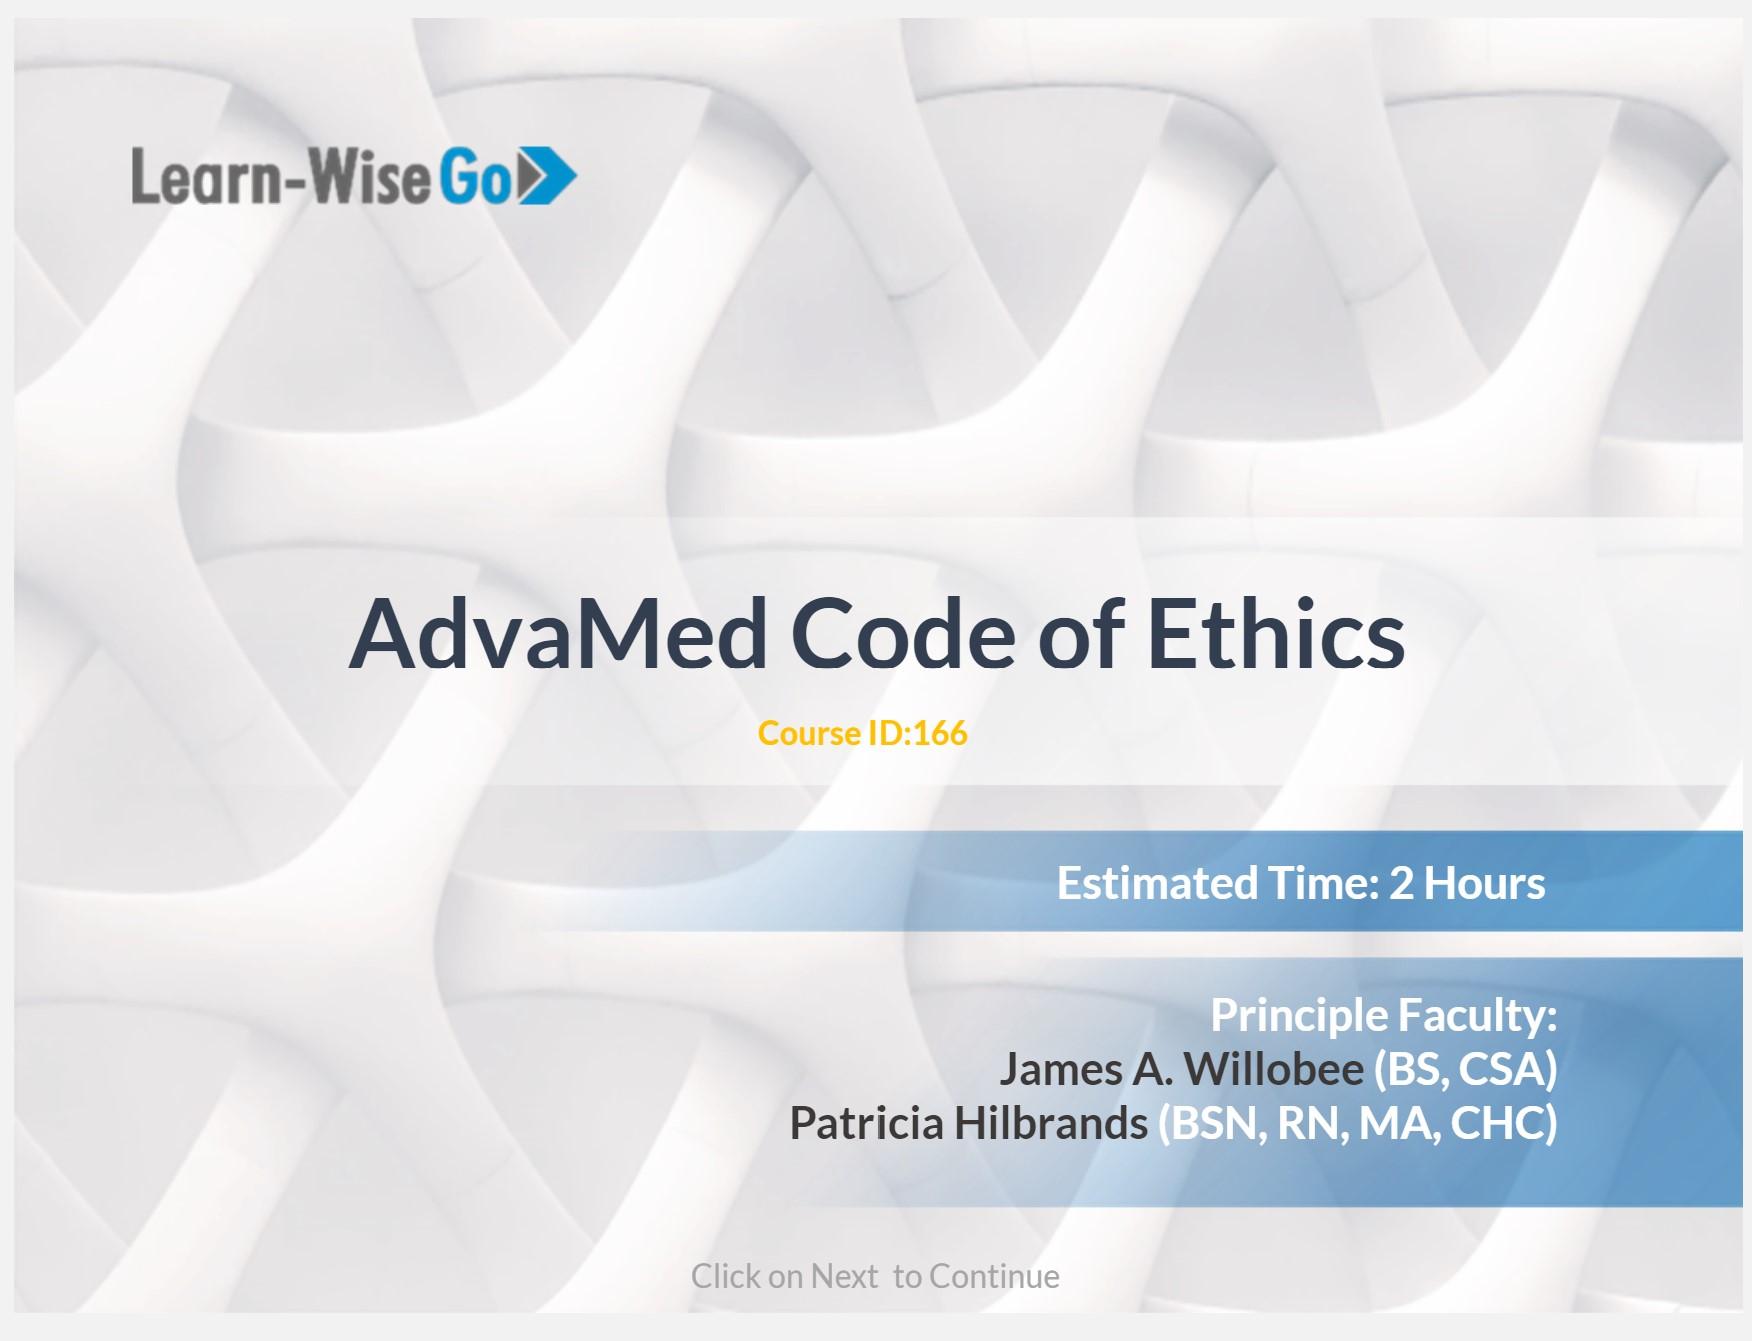 AdvaMed Code of Ethics